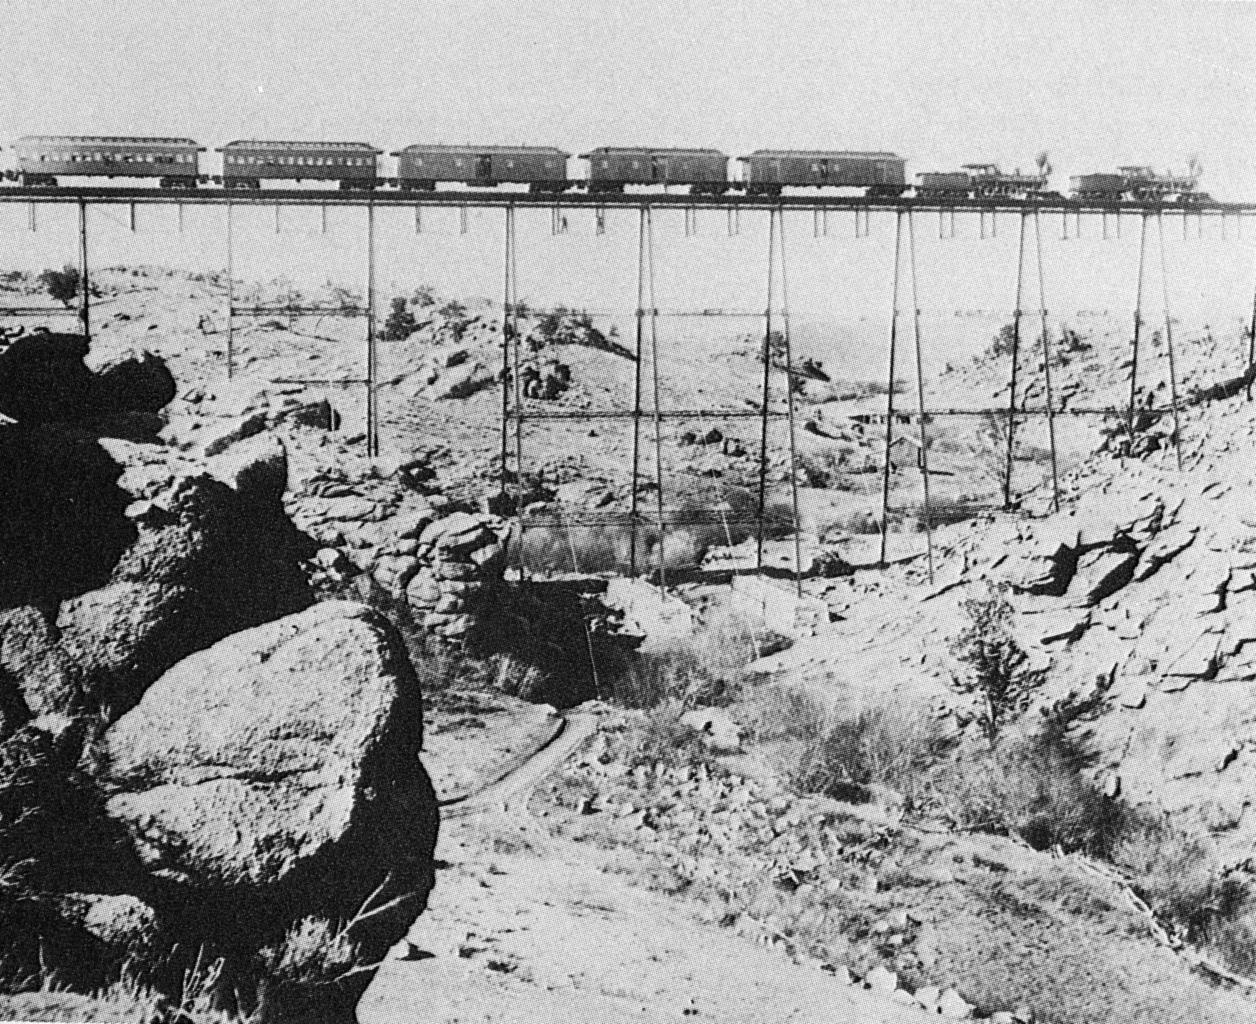 Demiryolu birlikleri: raylar üzerinde savaş